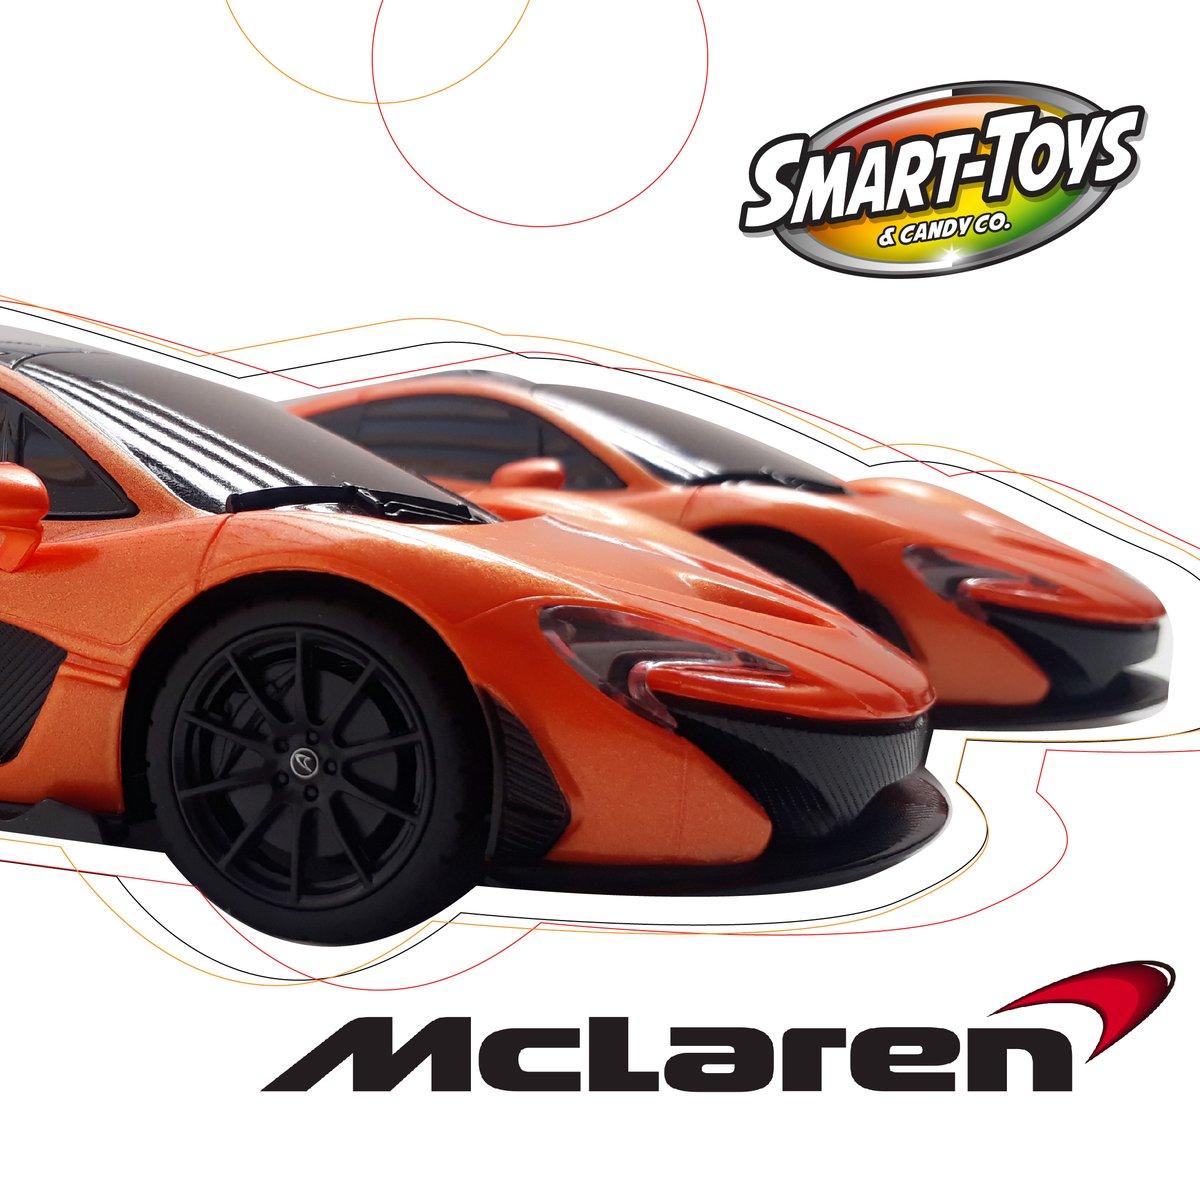 ¿Te atreves a sentir la velocidad?  Hazlo con #SmartToys 👇  #Car #McLaren https://t.co/94k35lR0Xd